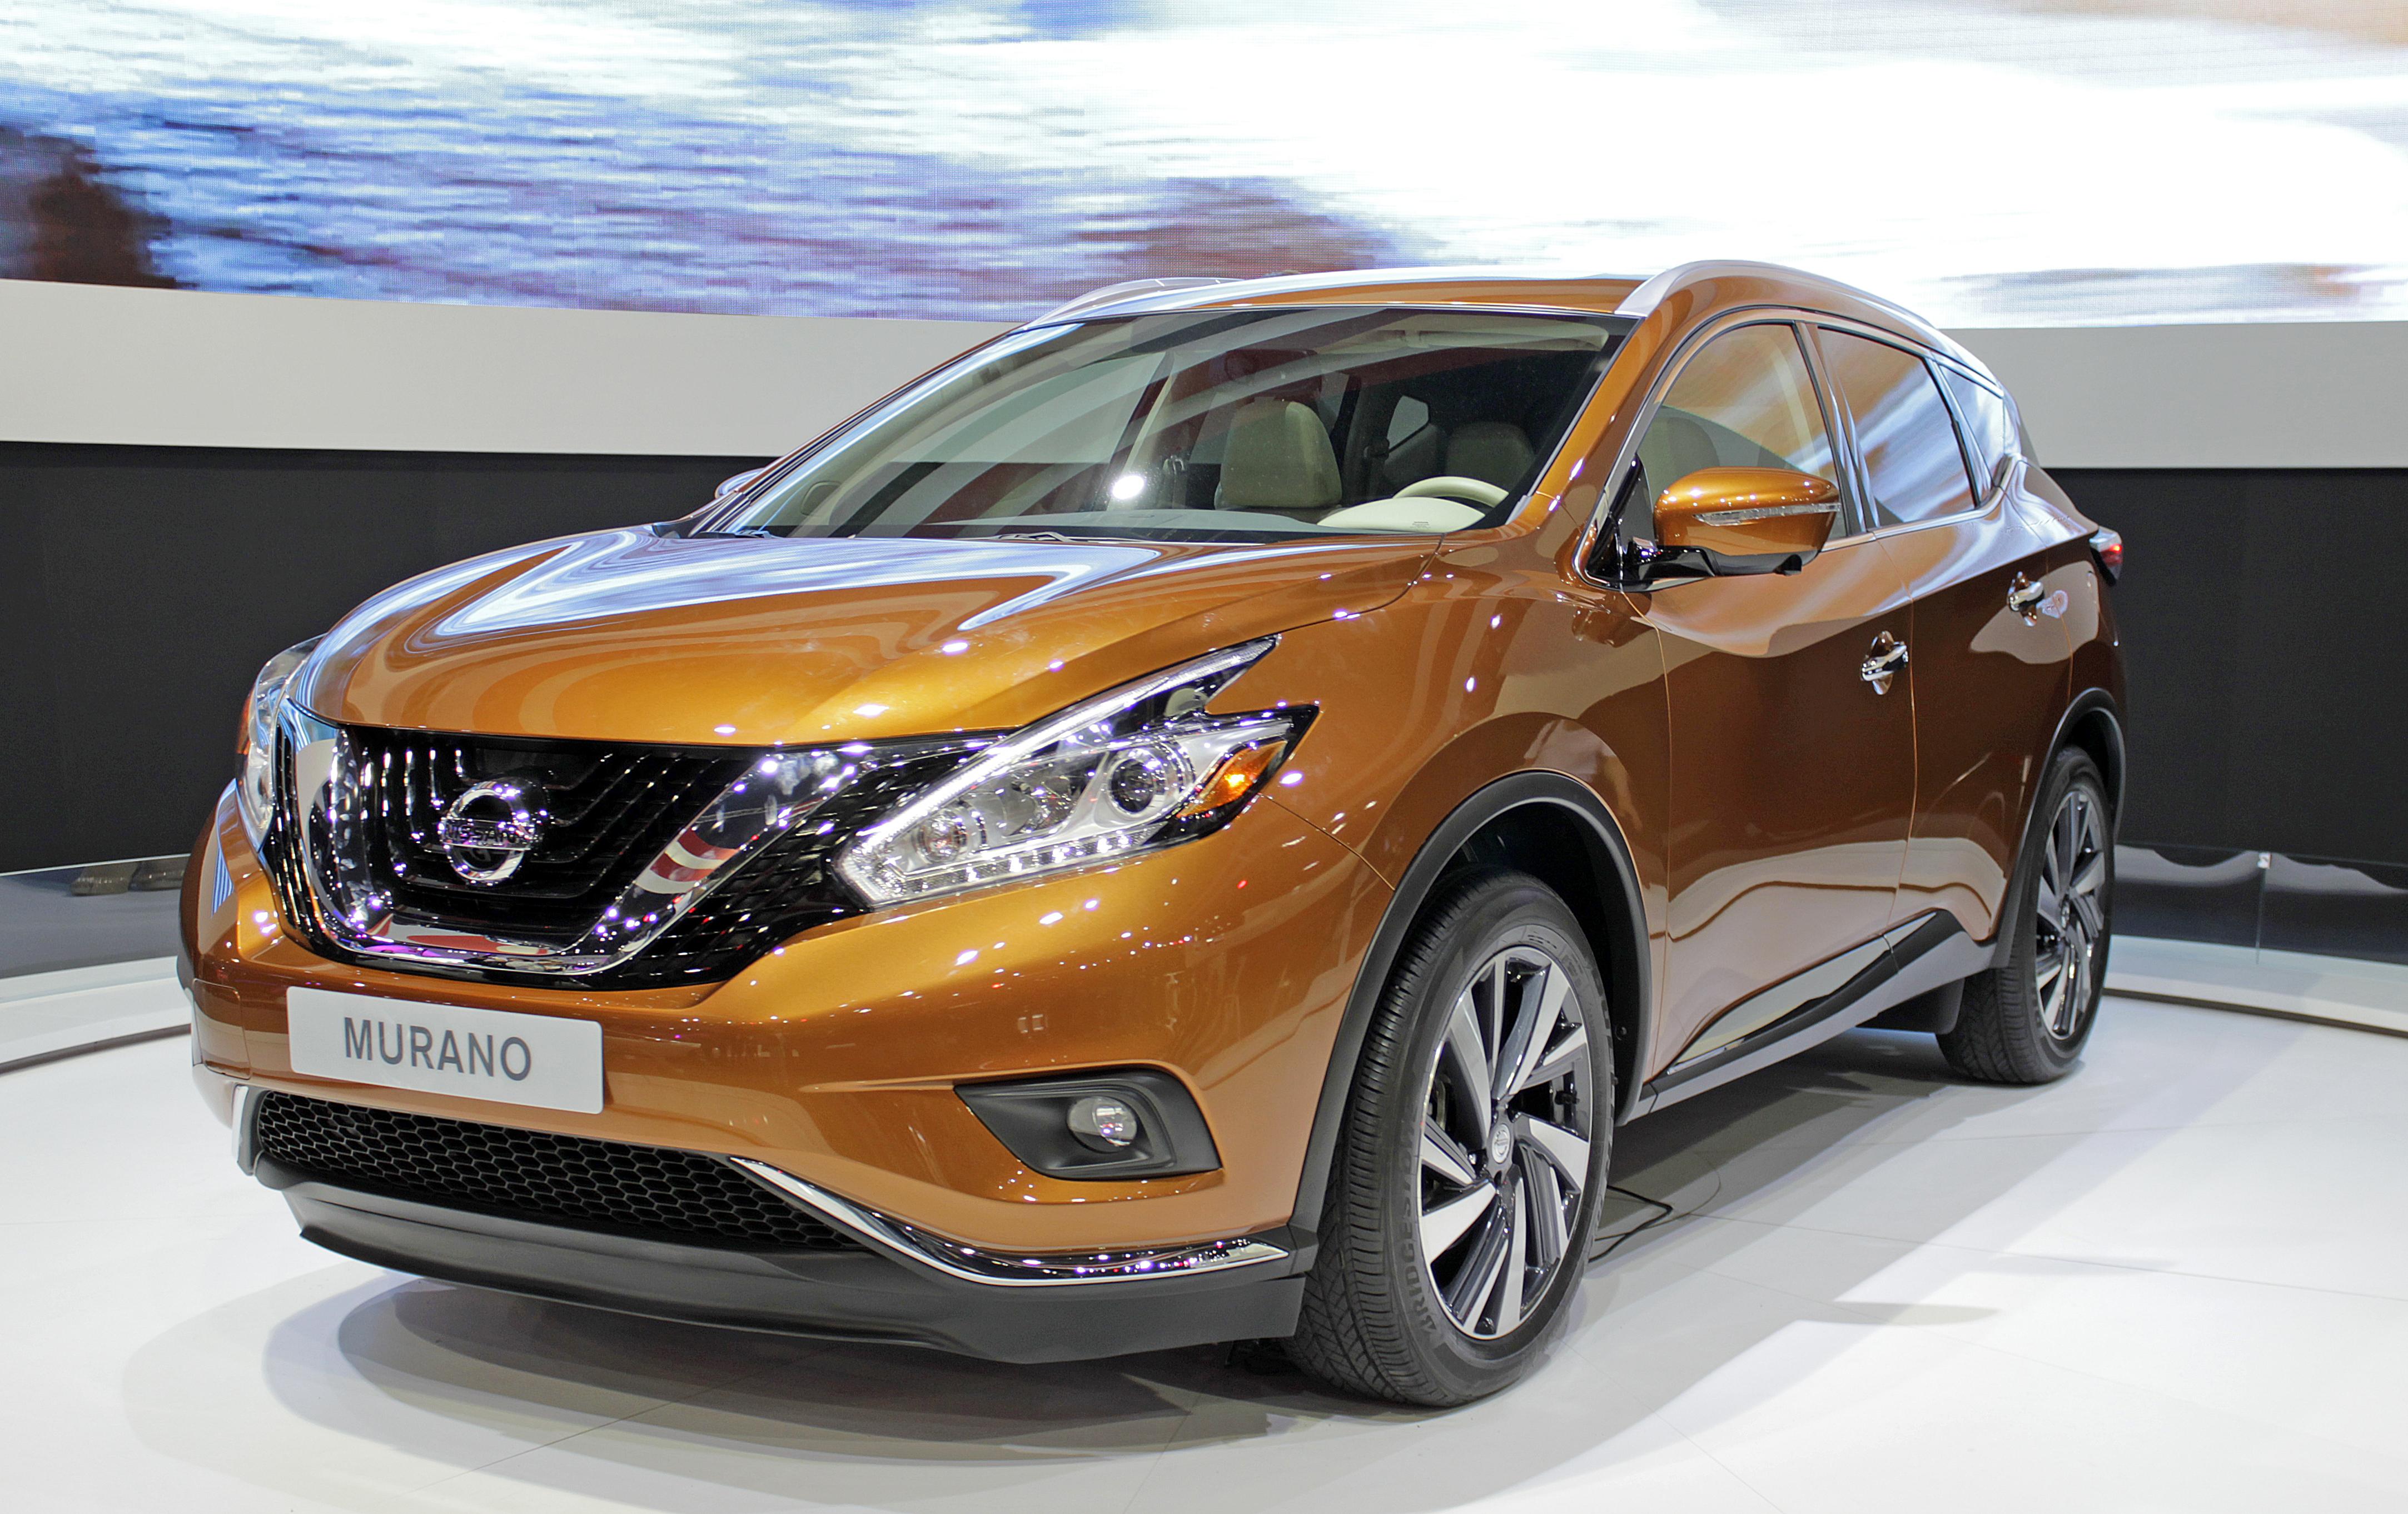 Nissan Murano 2018 >> File:2015 Nissan Murano.jpg - Wikimedia Commons